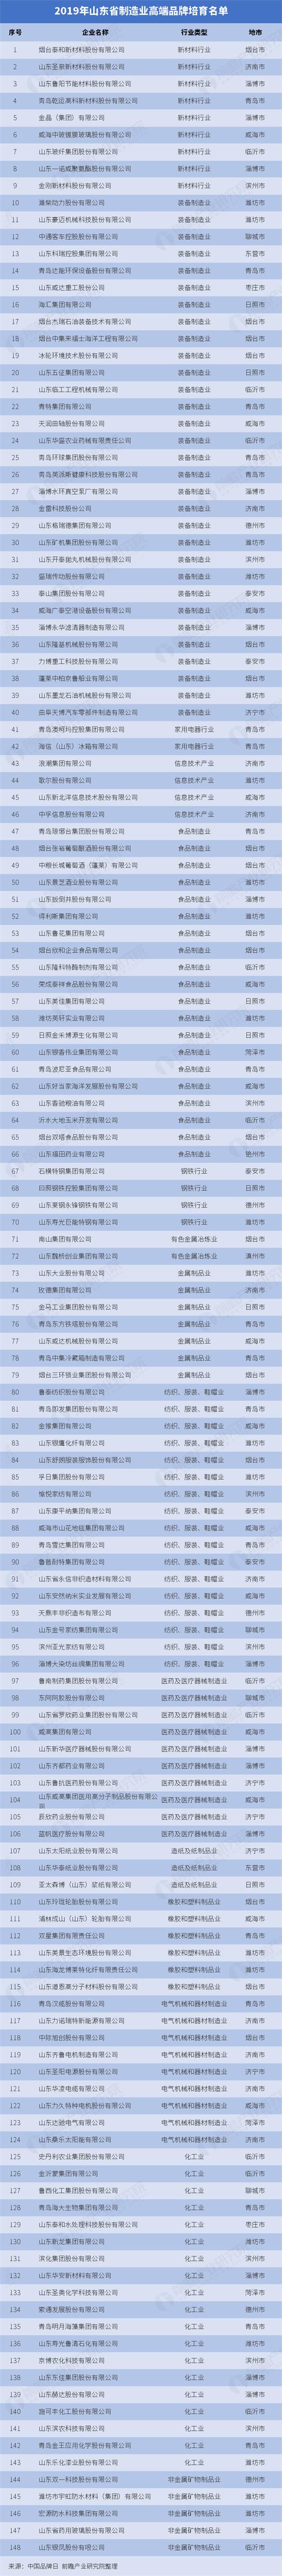 山东制造业名单